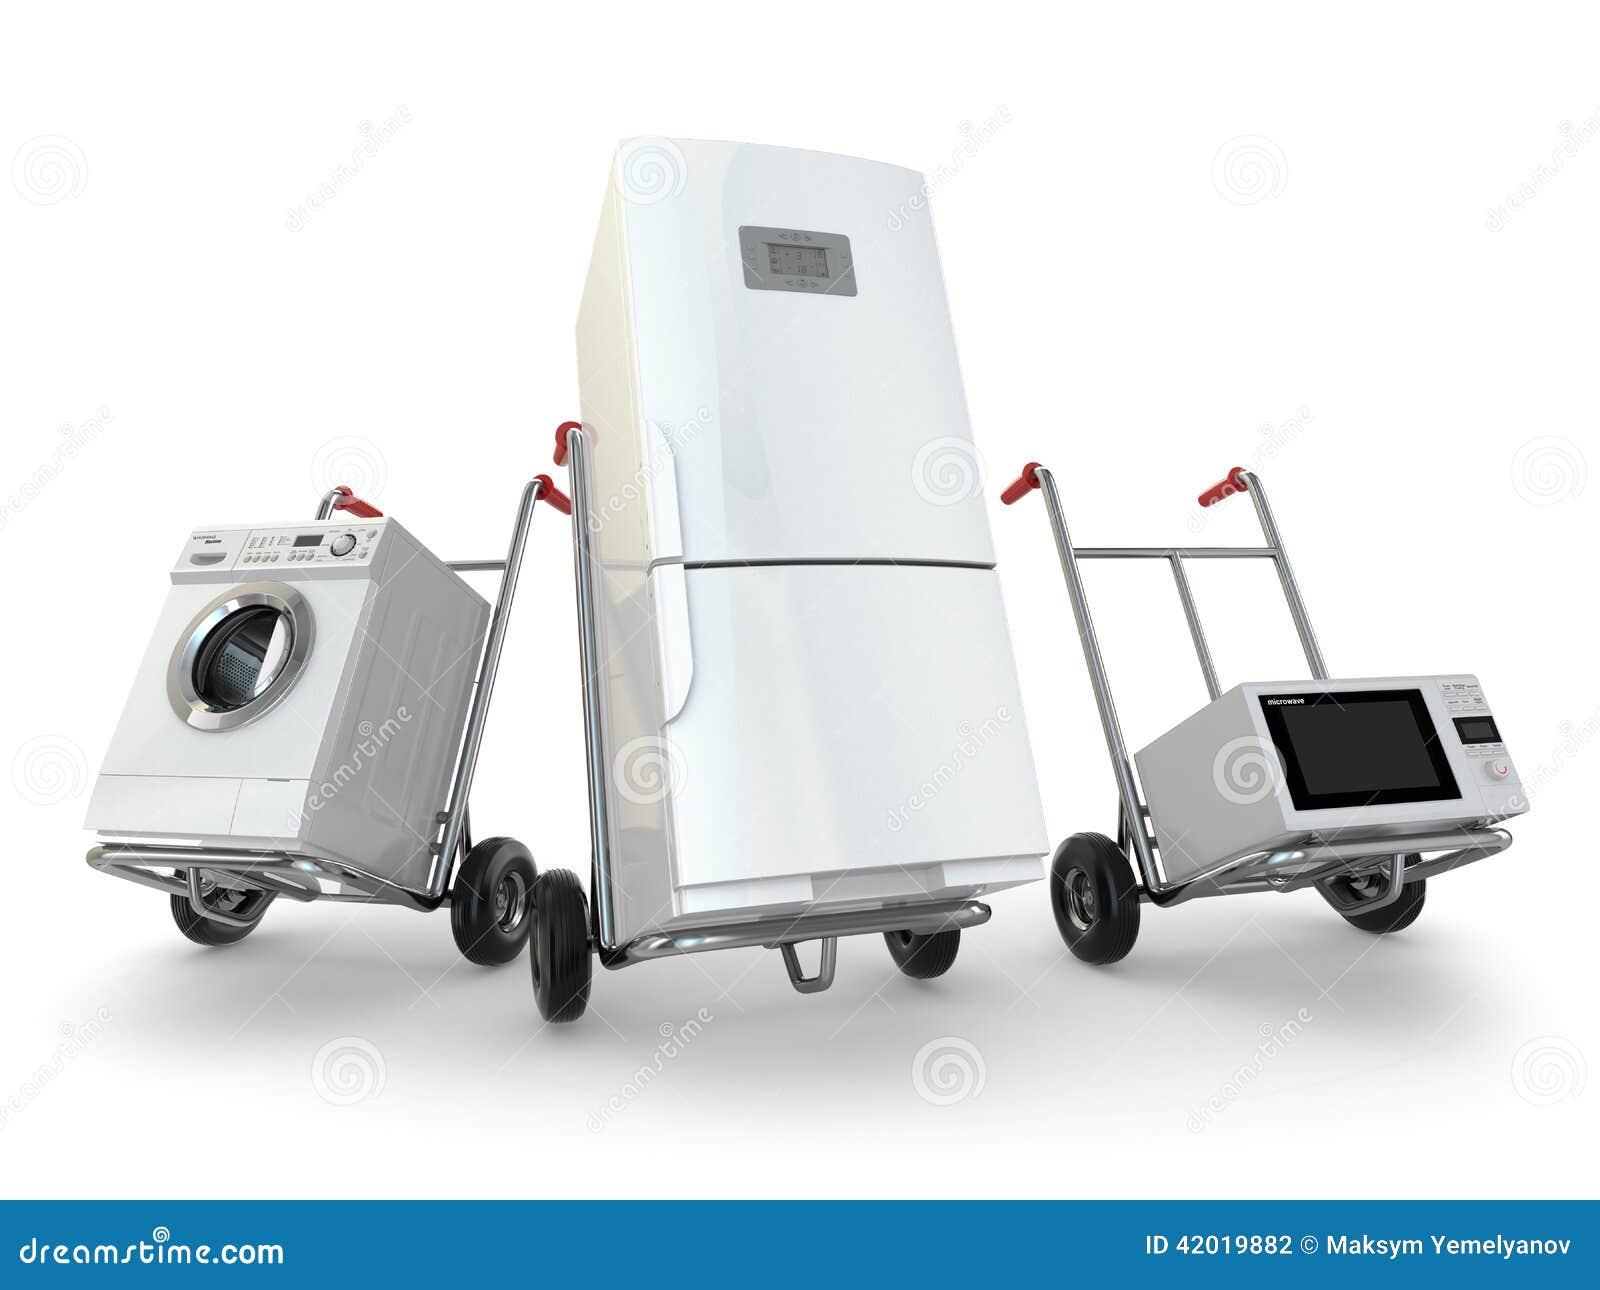 Urządzenie dostawa Ręki ciężarówka, fridge, pralka i micr,